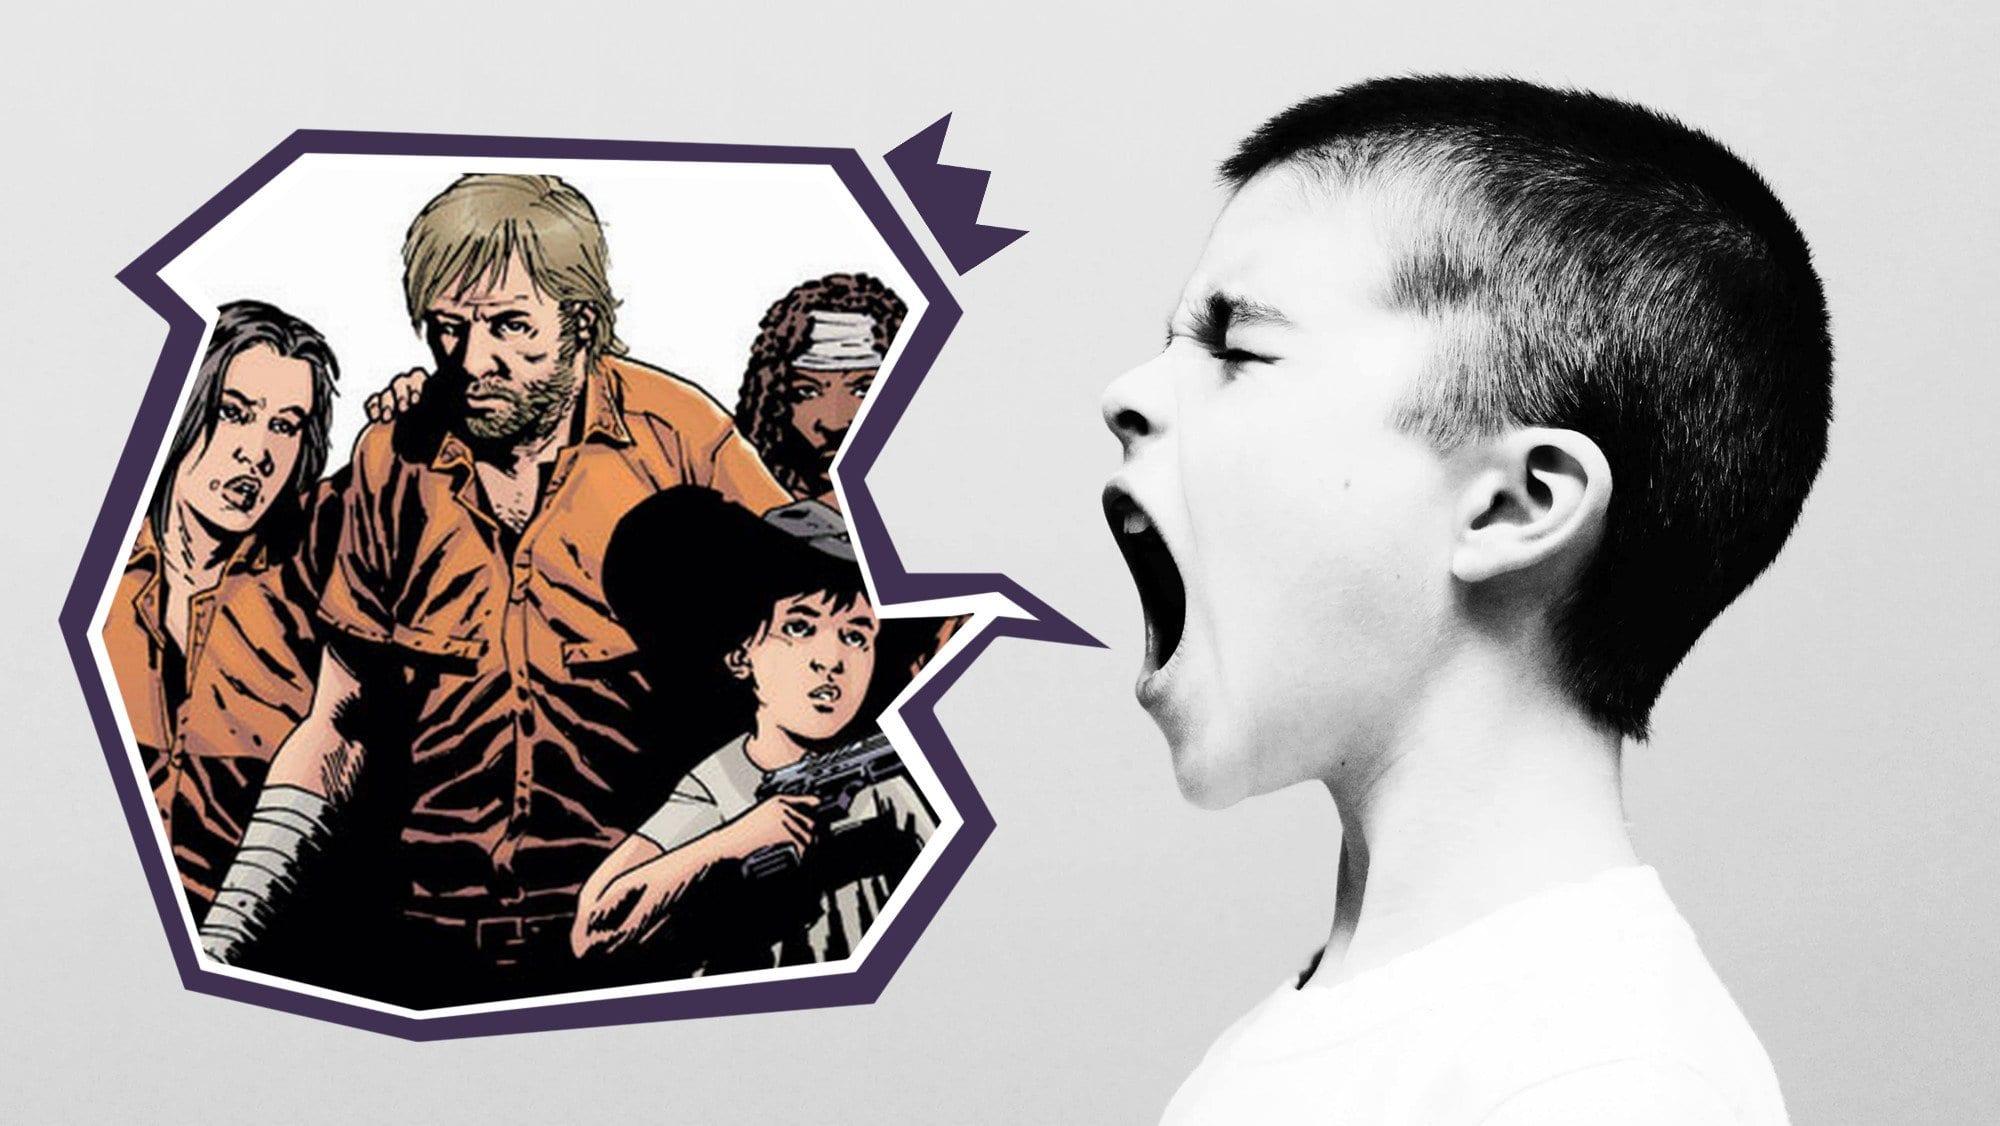 Der Verfall von The Walking Dead: Wenn die Comicvorlage nicht alles ist